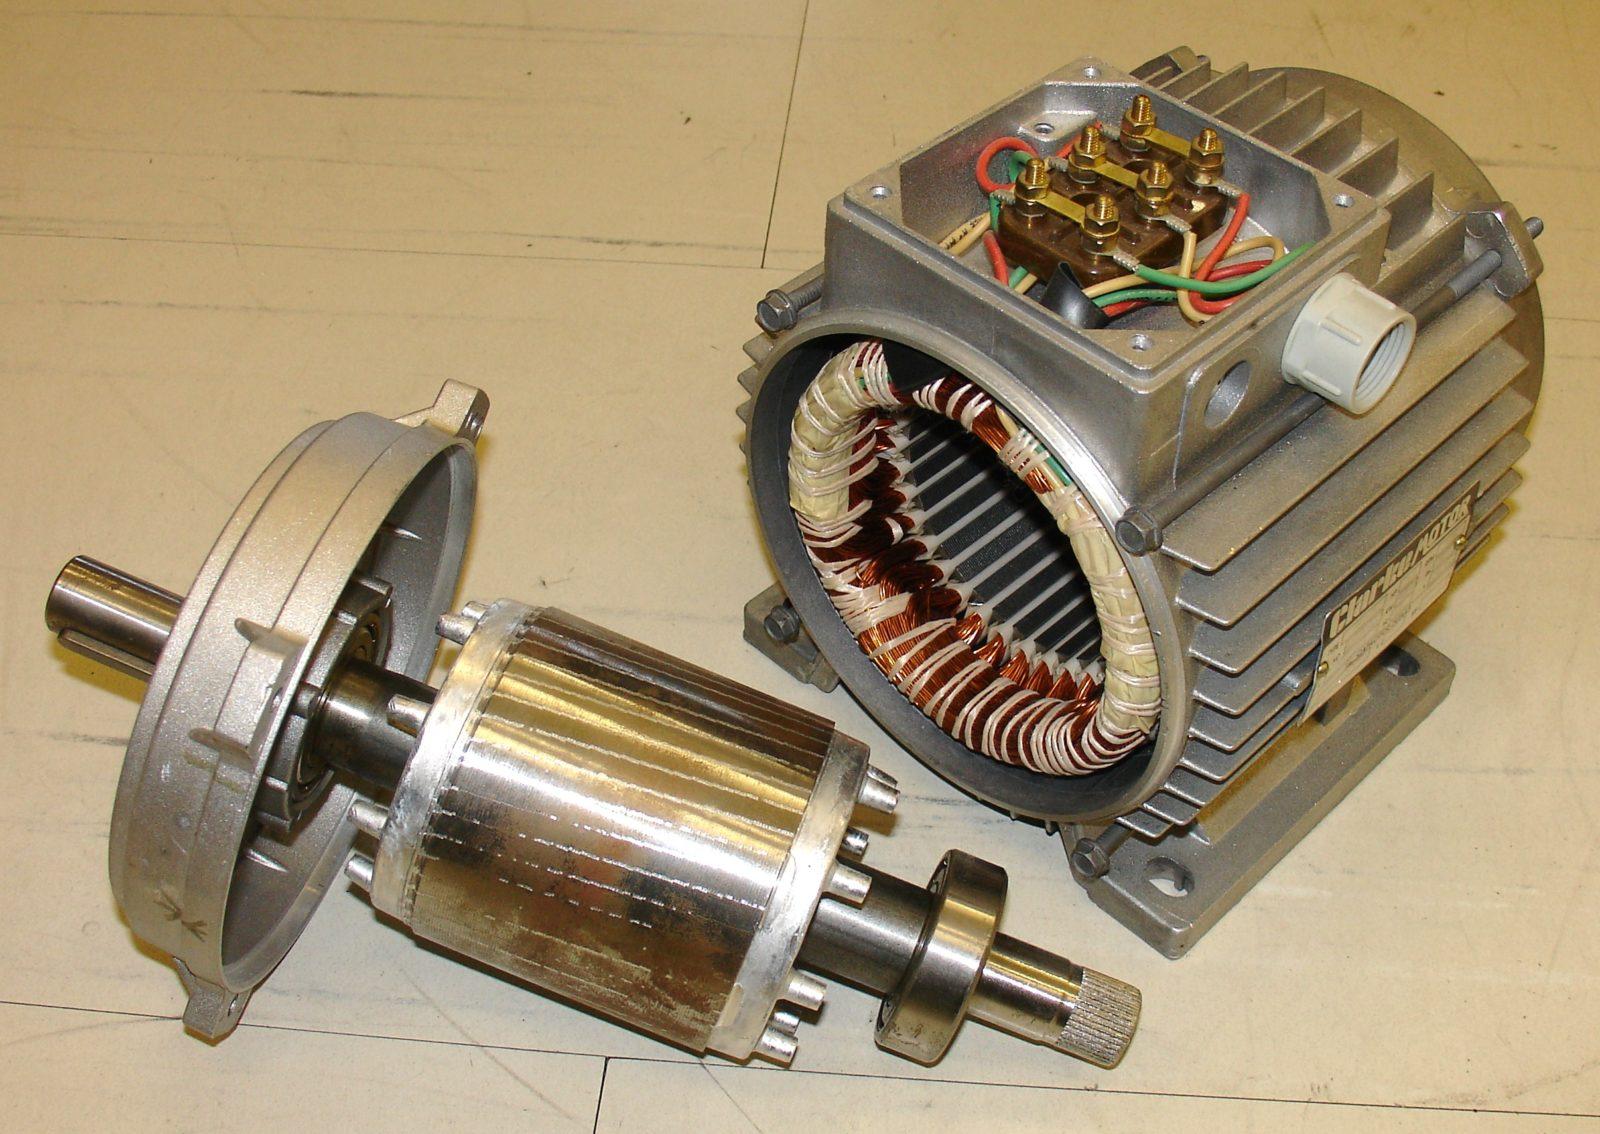 גנרטור תוצרת בית מהמנוע ממכונת הכביסה